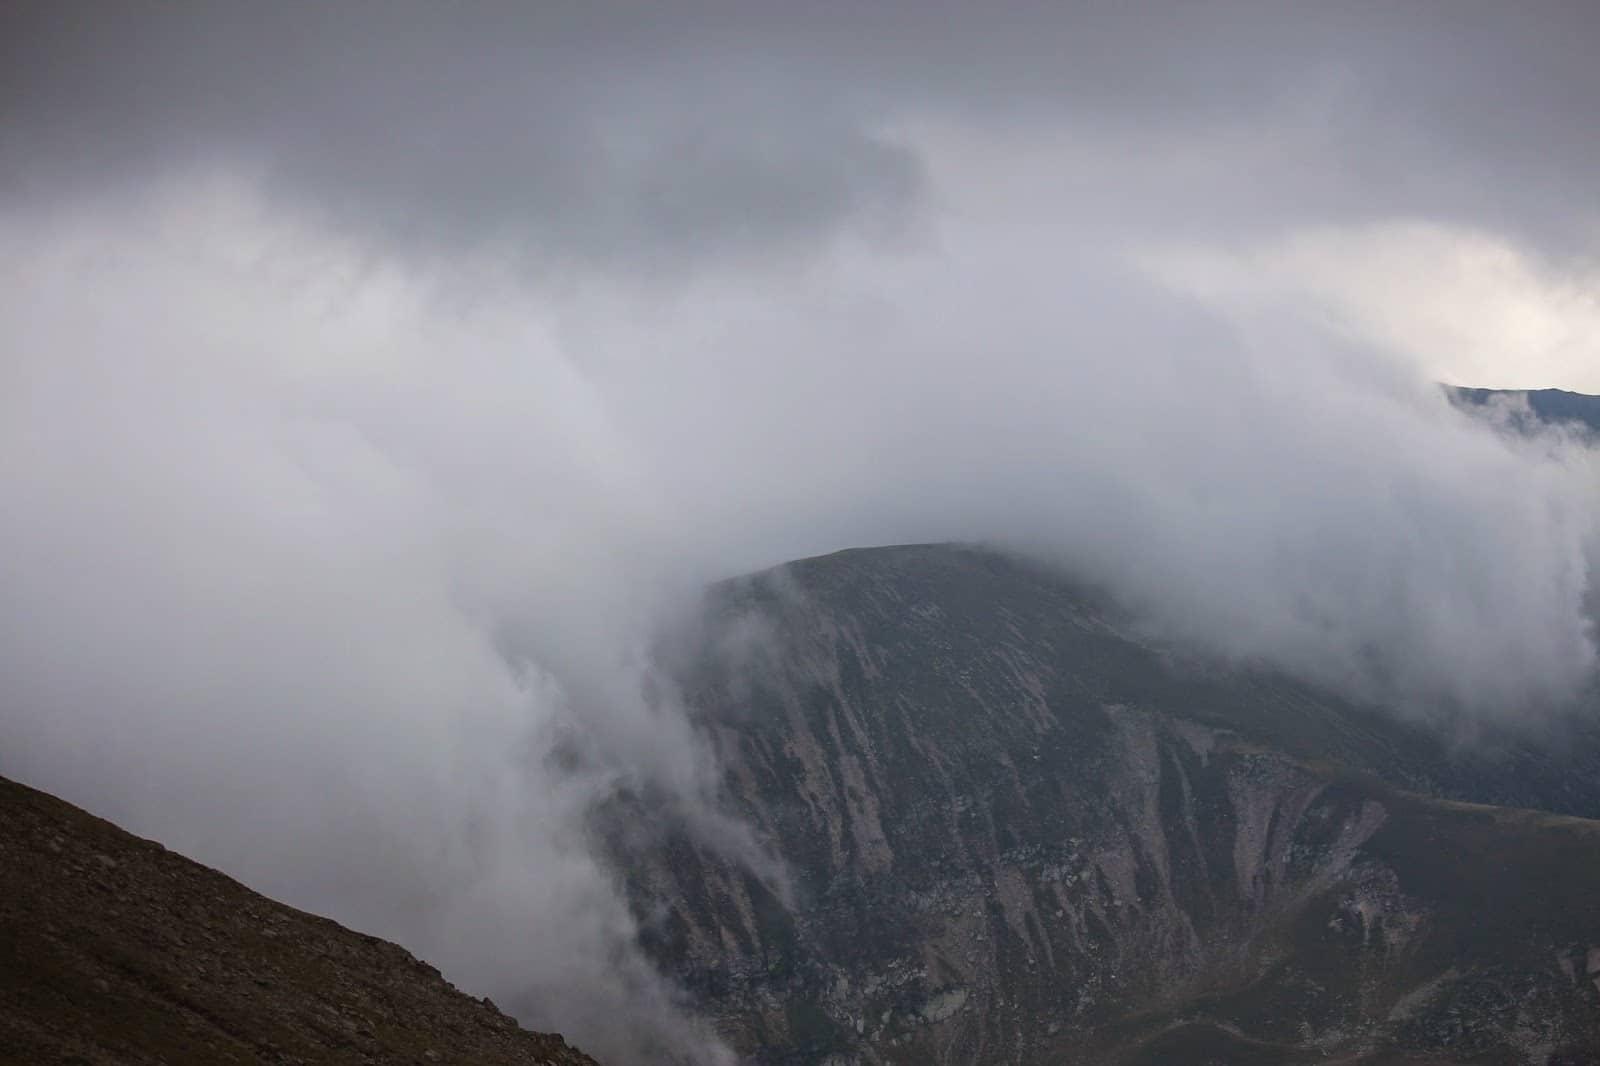 Vârful Gugu învăluit de un aer misterios